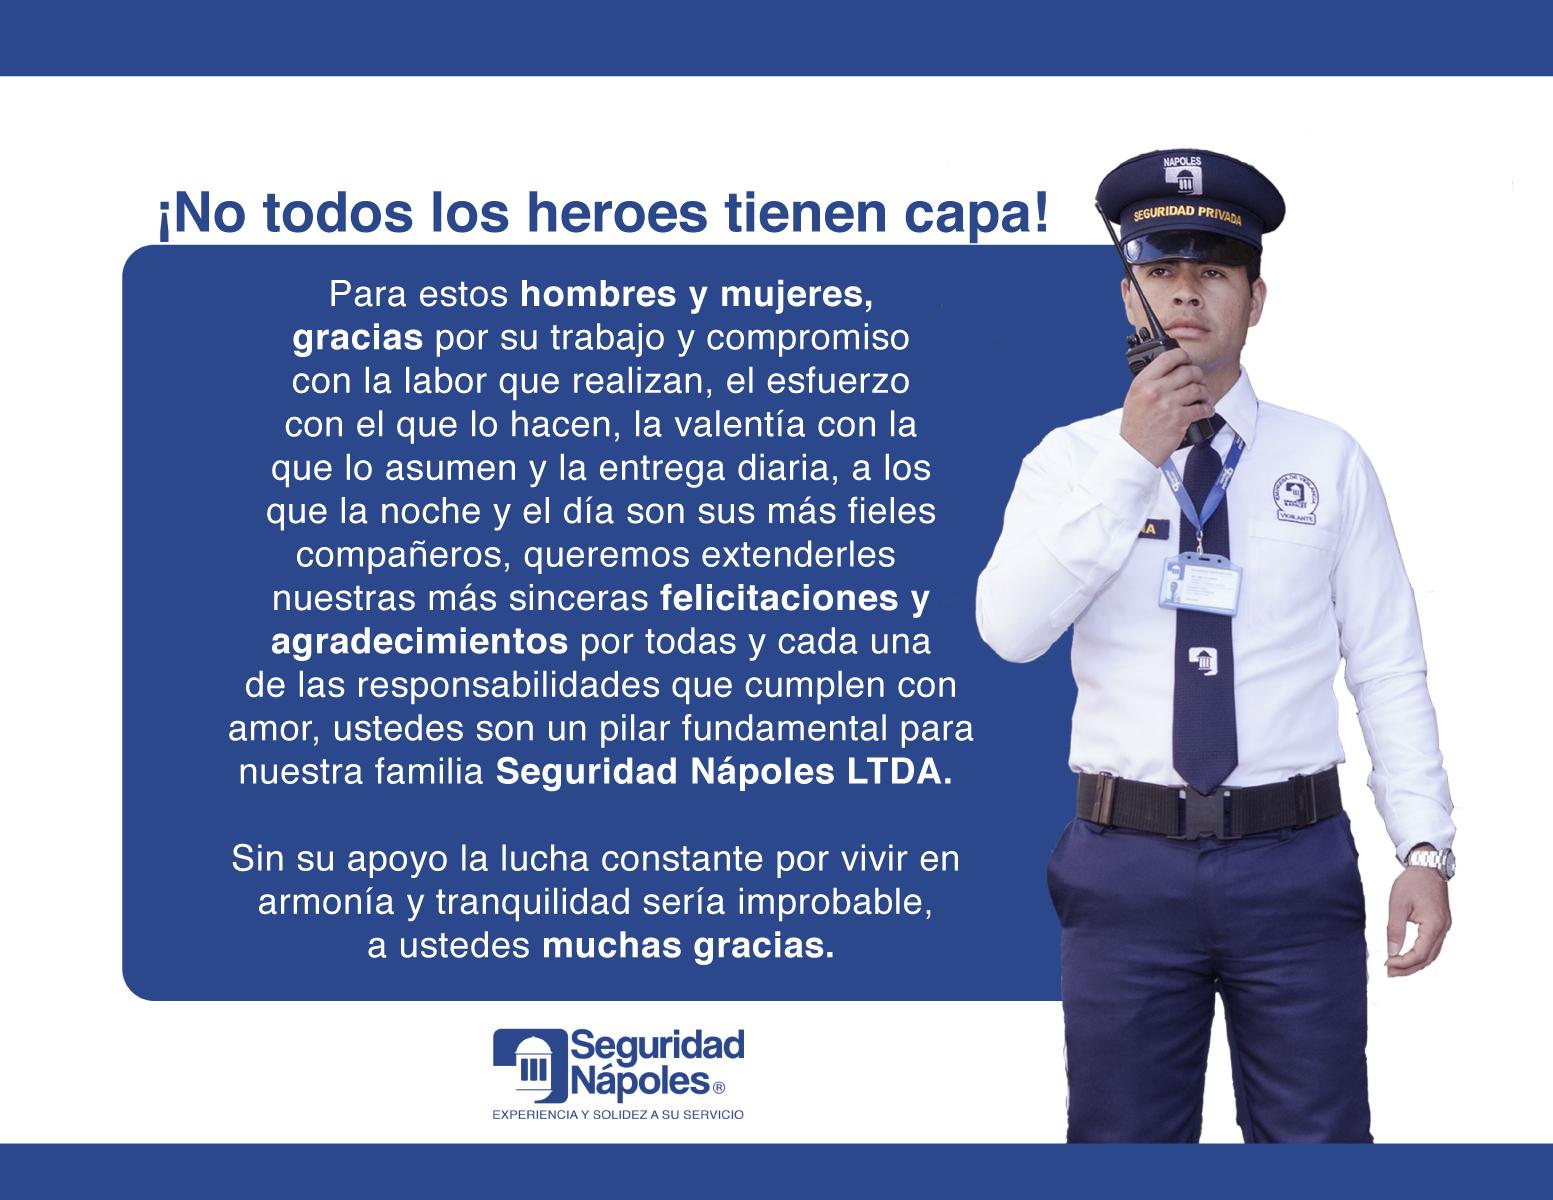 No todos los héroes tienen capa.